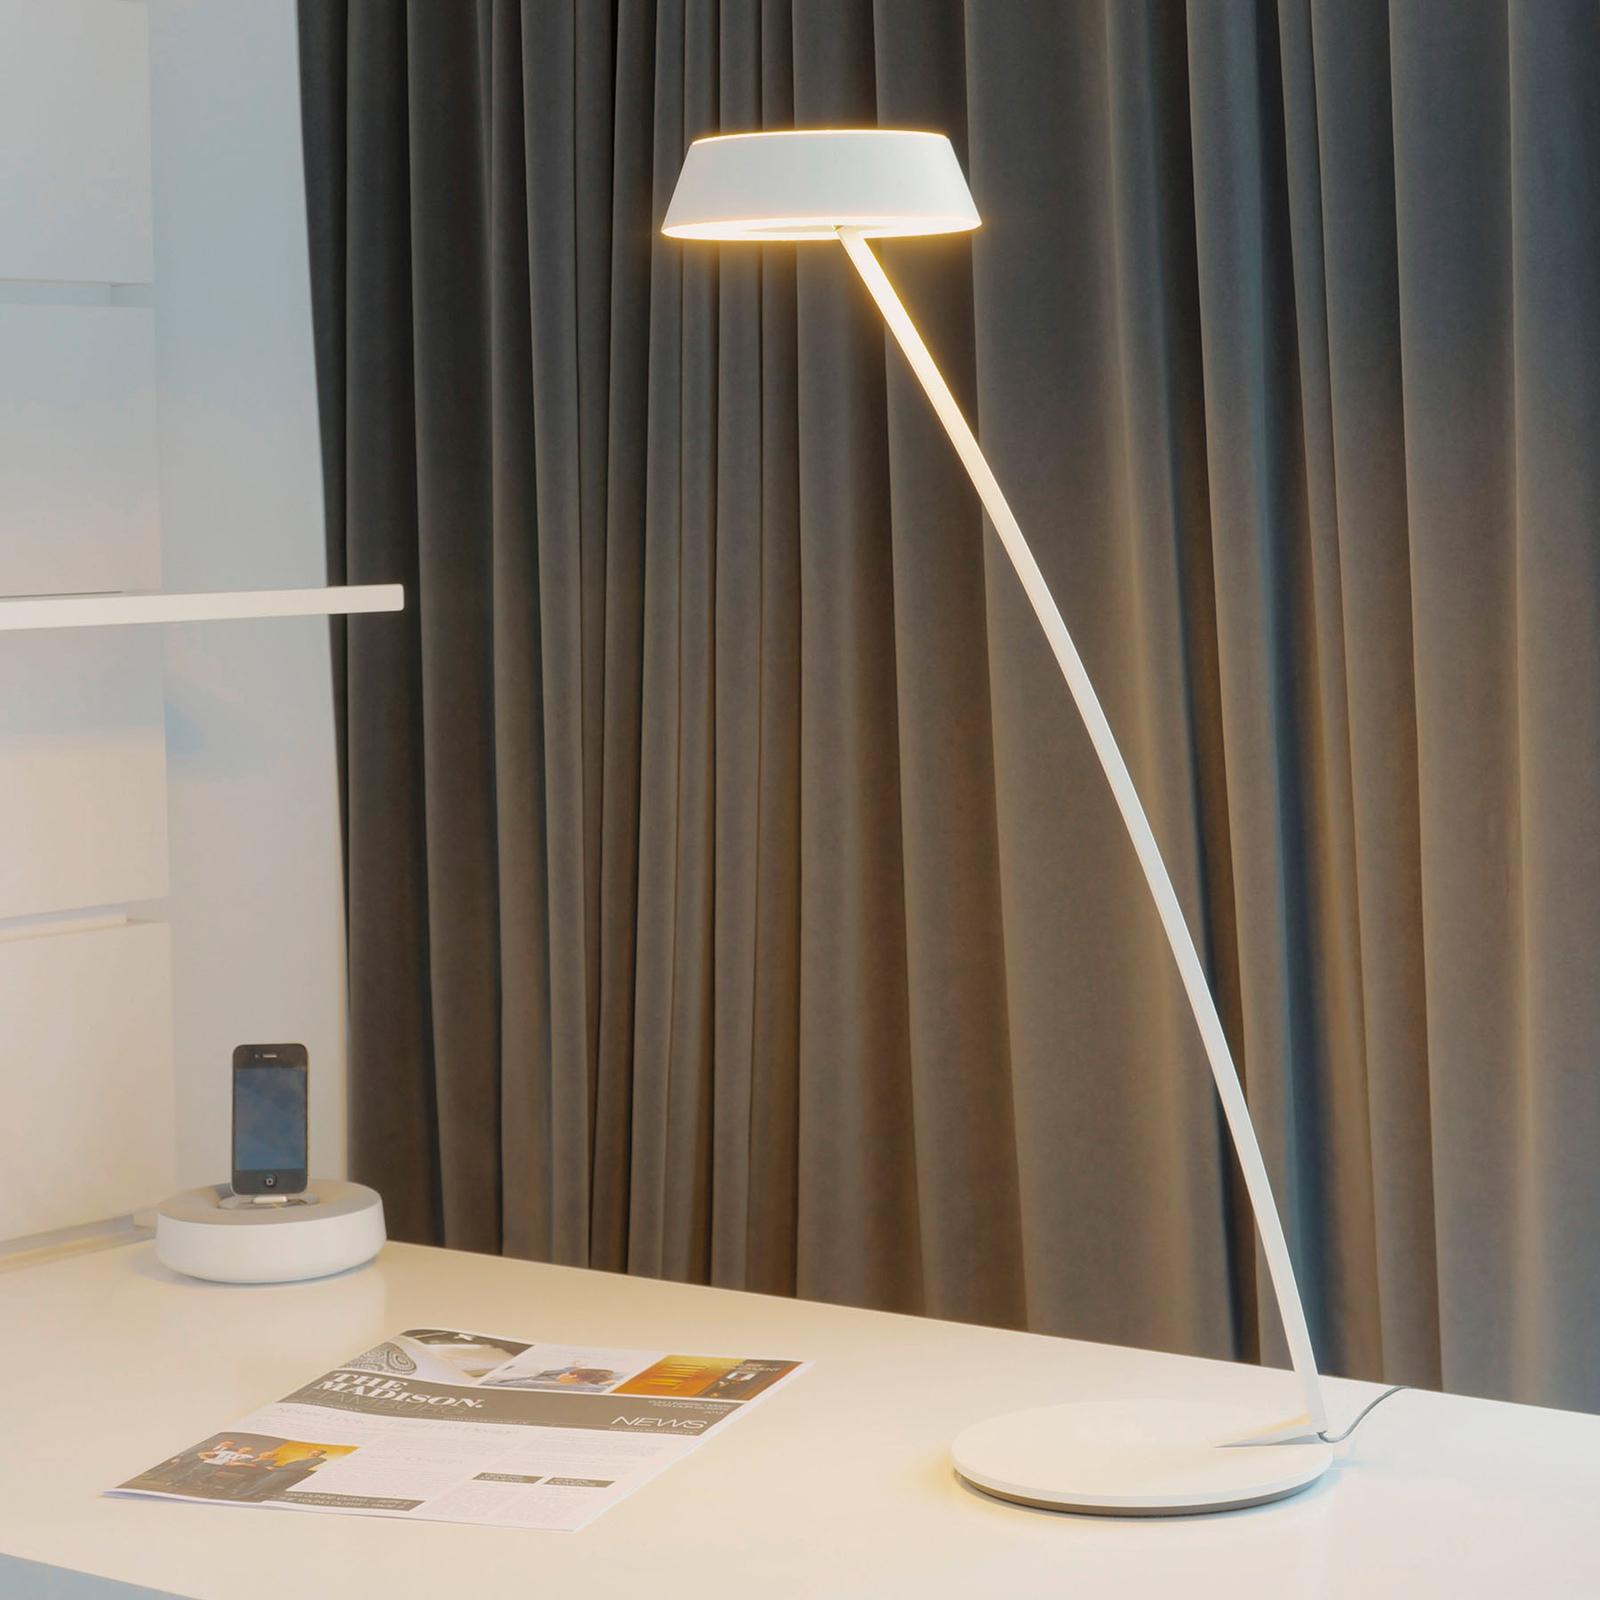 OLIGO Glance LED-pöytälamppu, kaareva, valkoinen